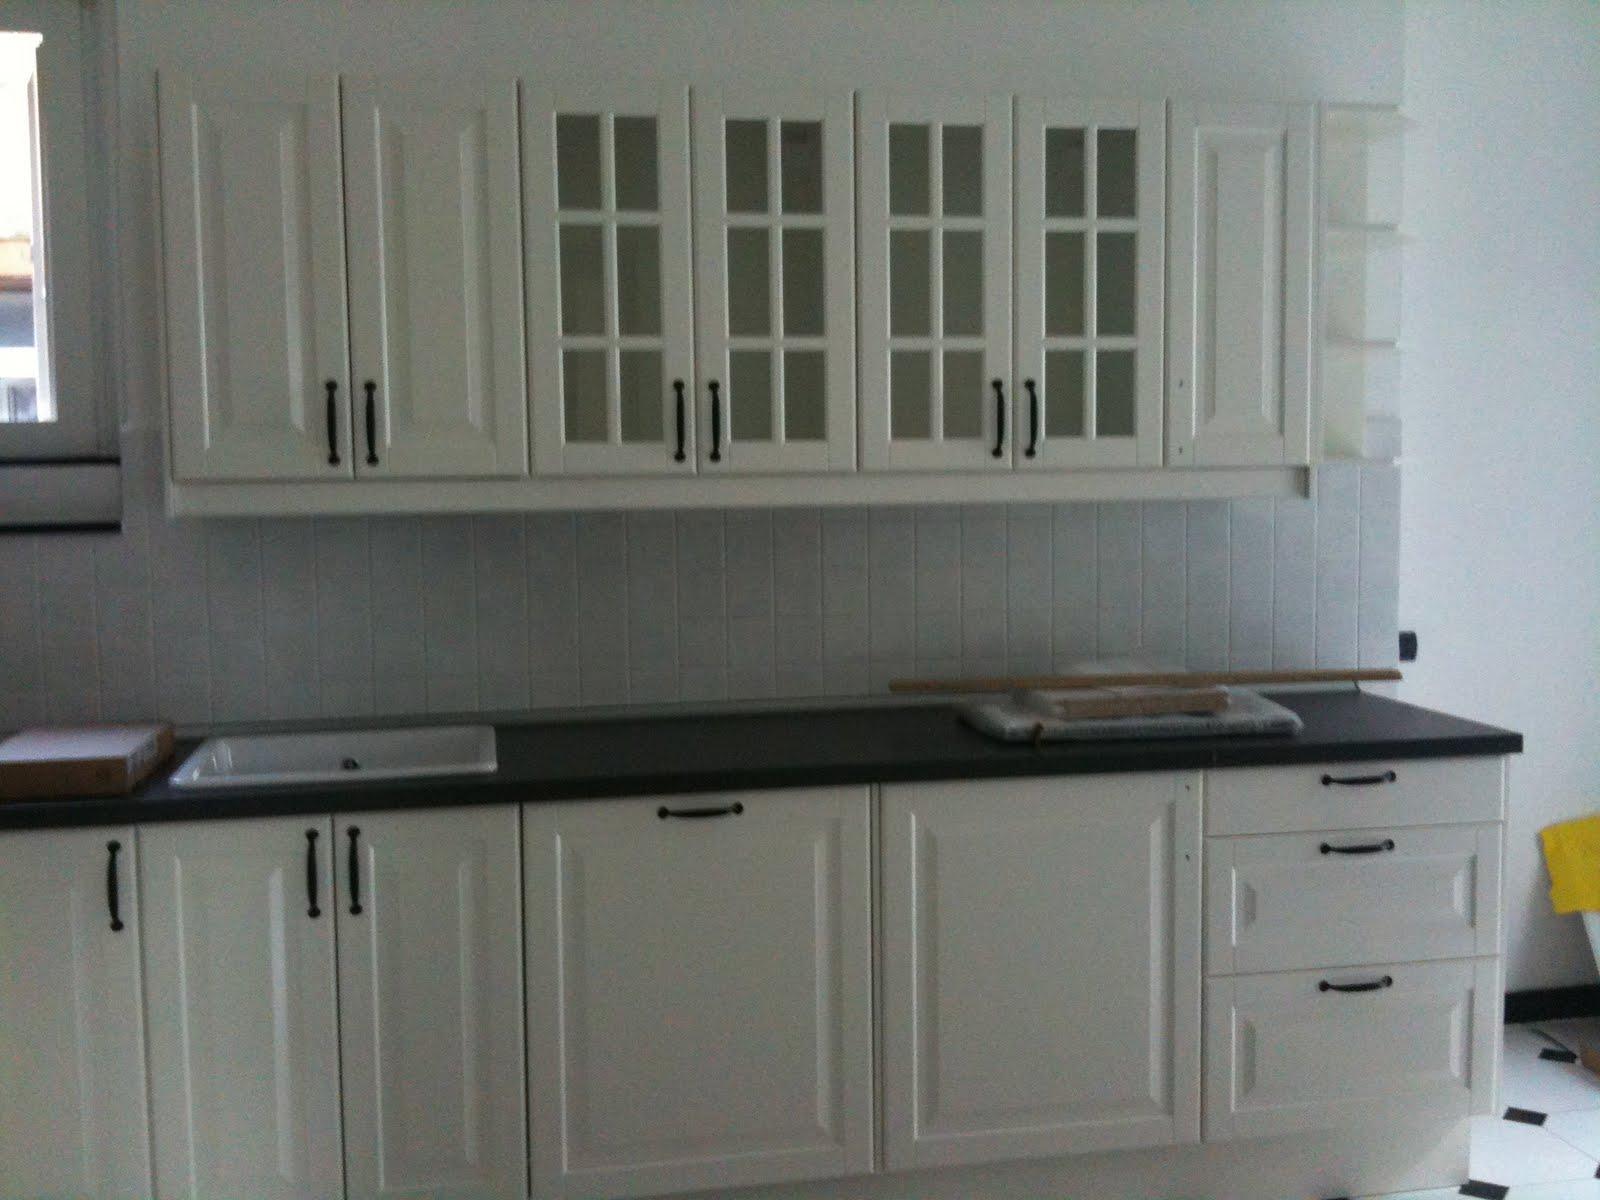 Shabby chic lifestyle finalmente la cucina - Maniglie mobili ikea ...